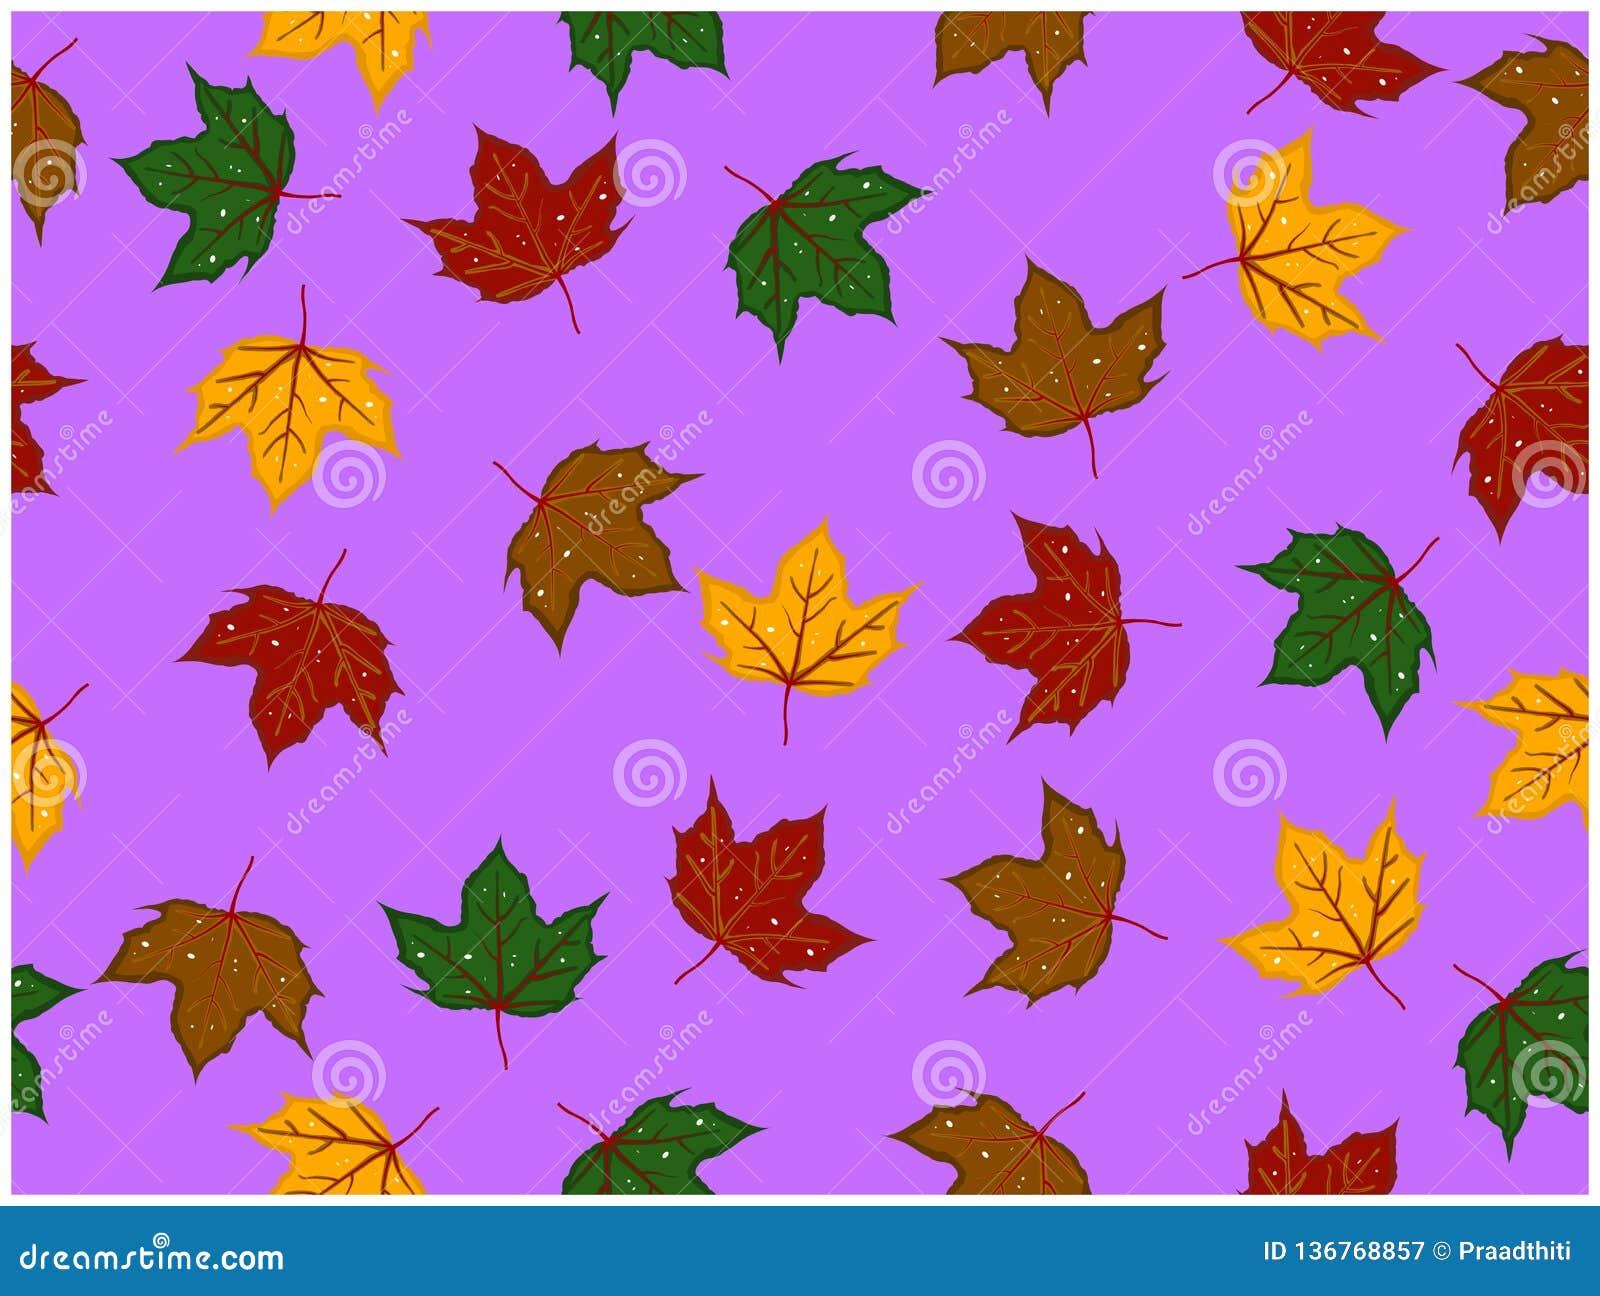 I vari colori delle foglie progettate hanno alcuni fori